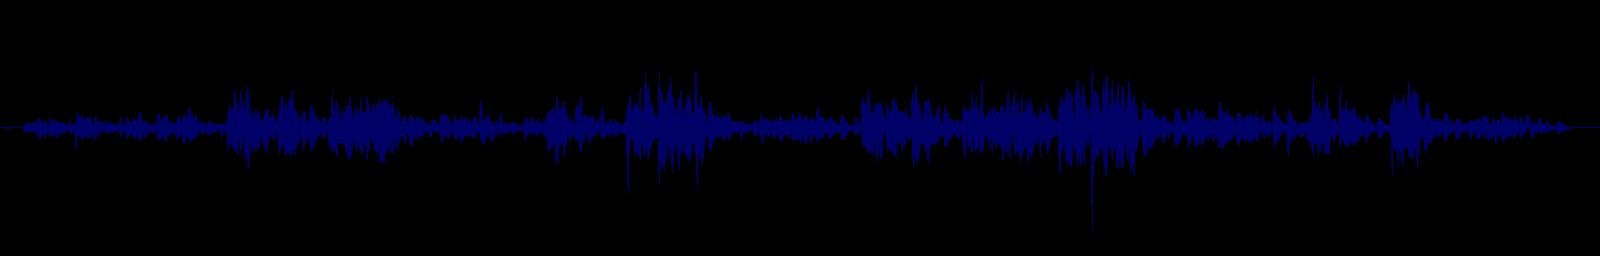 waveform of track #129795